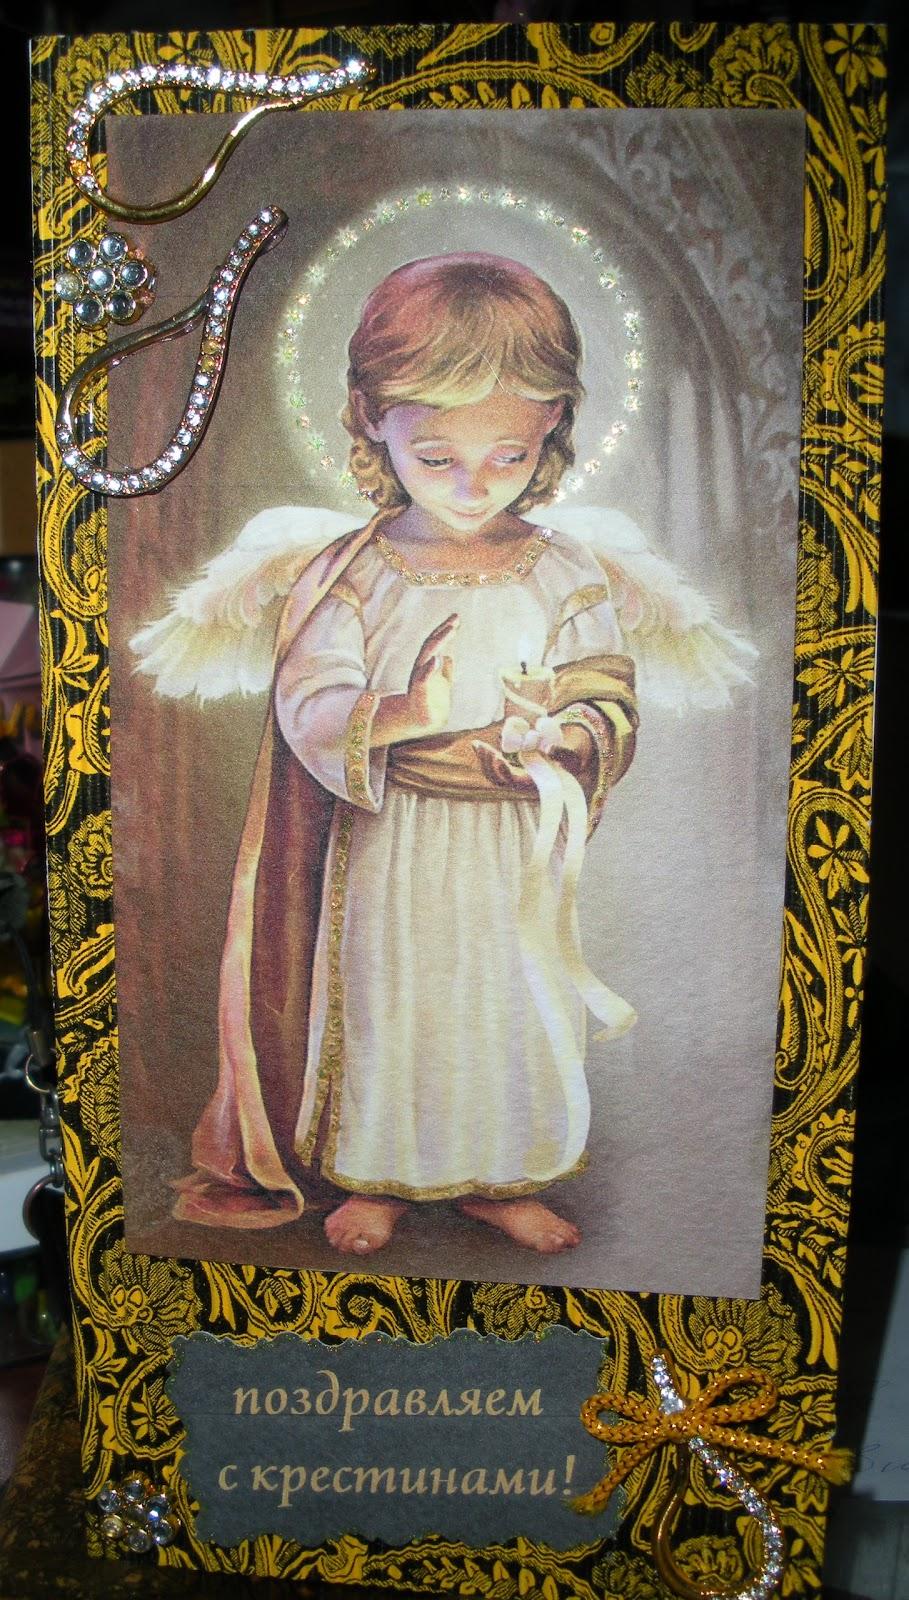 Поздравления с крестинами мальчика от крестного в прозе